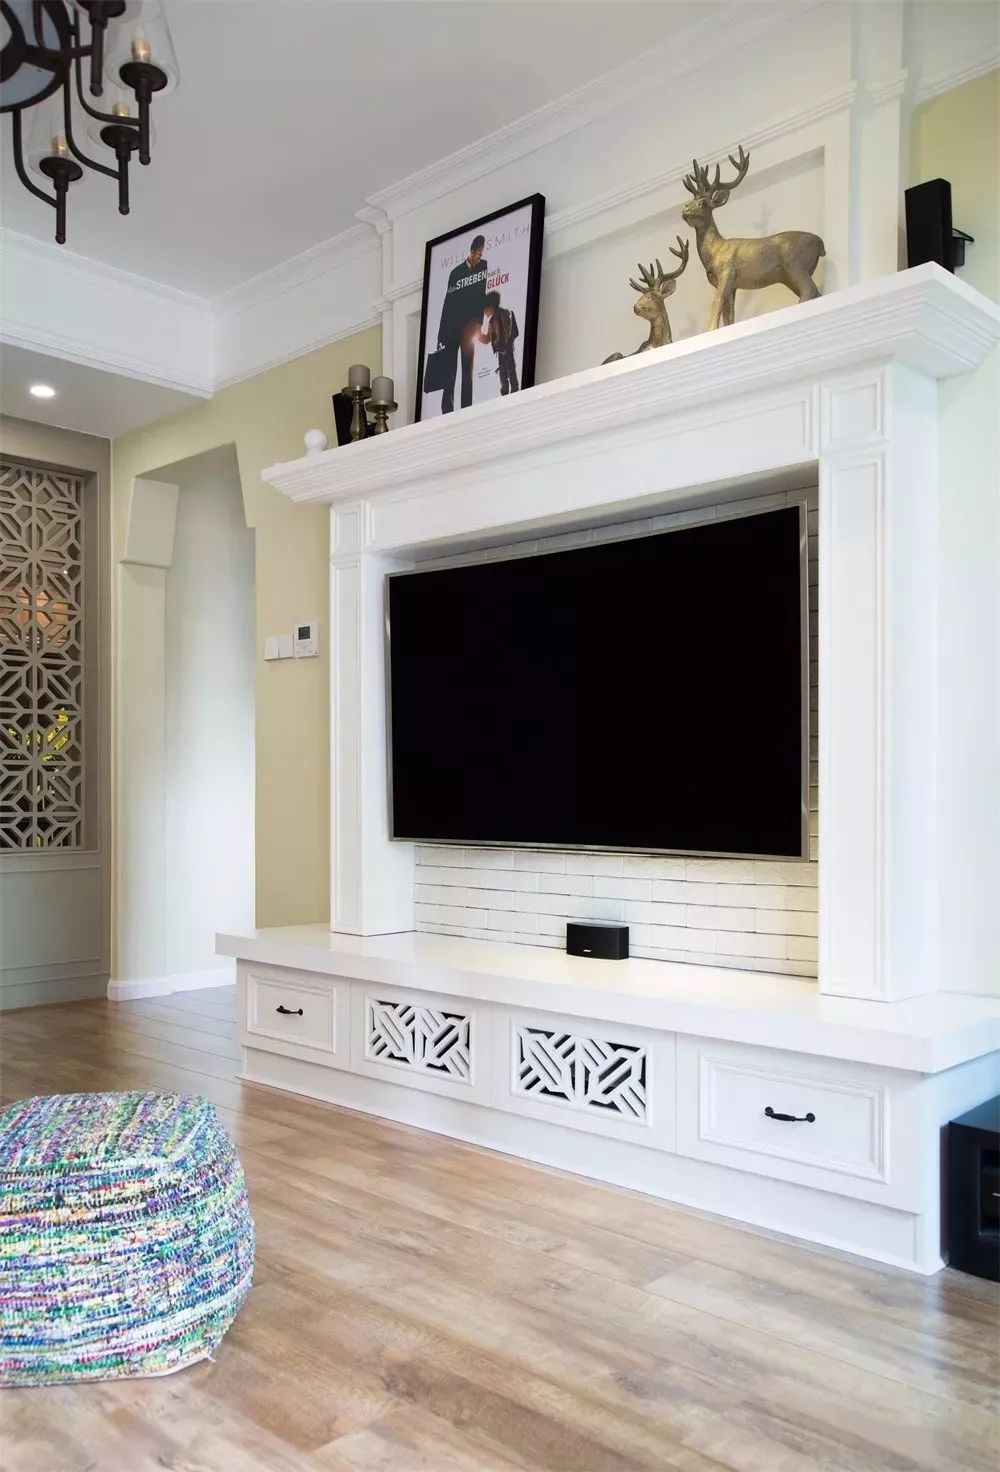 壁炉造型的电视背景墙,浓浓美式风,太有特色了.图片